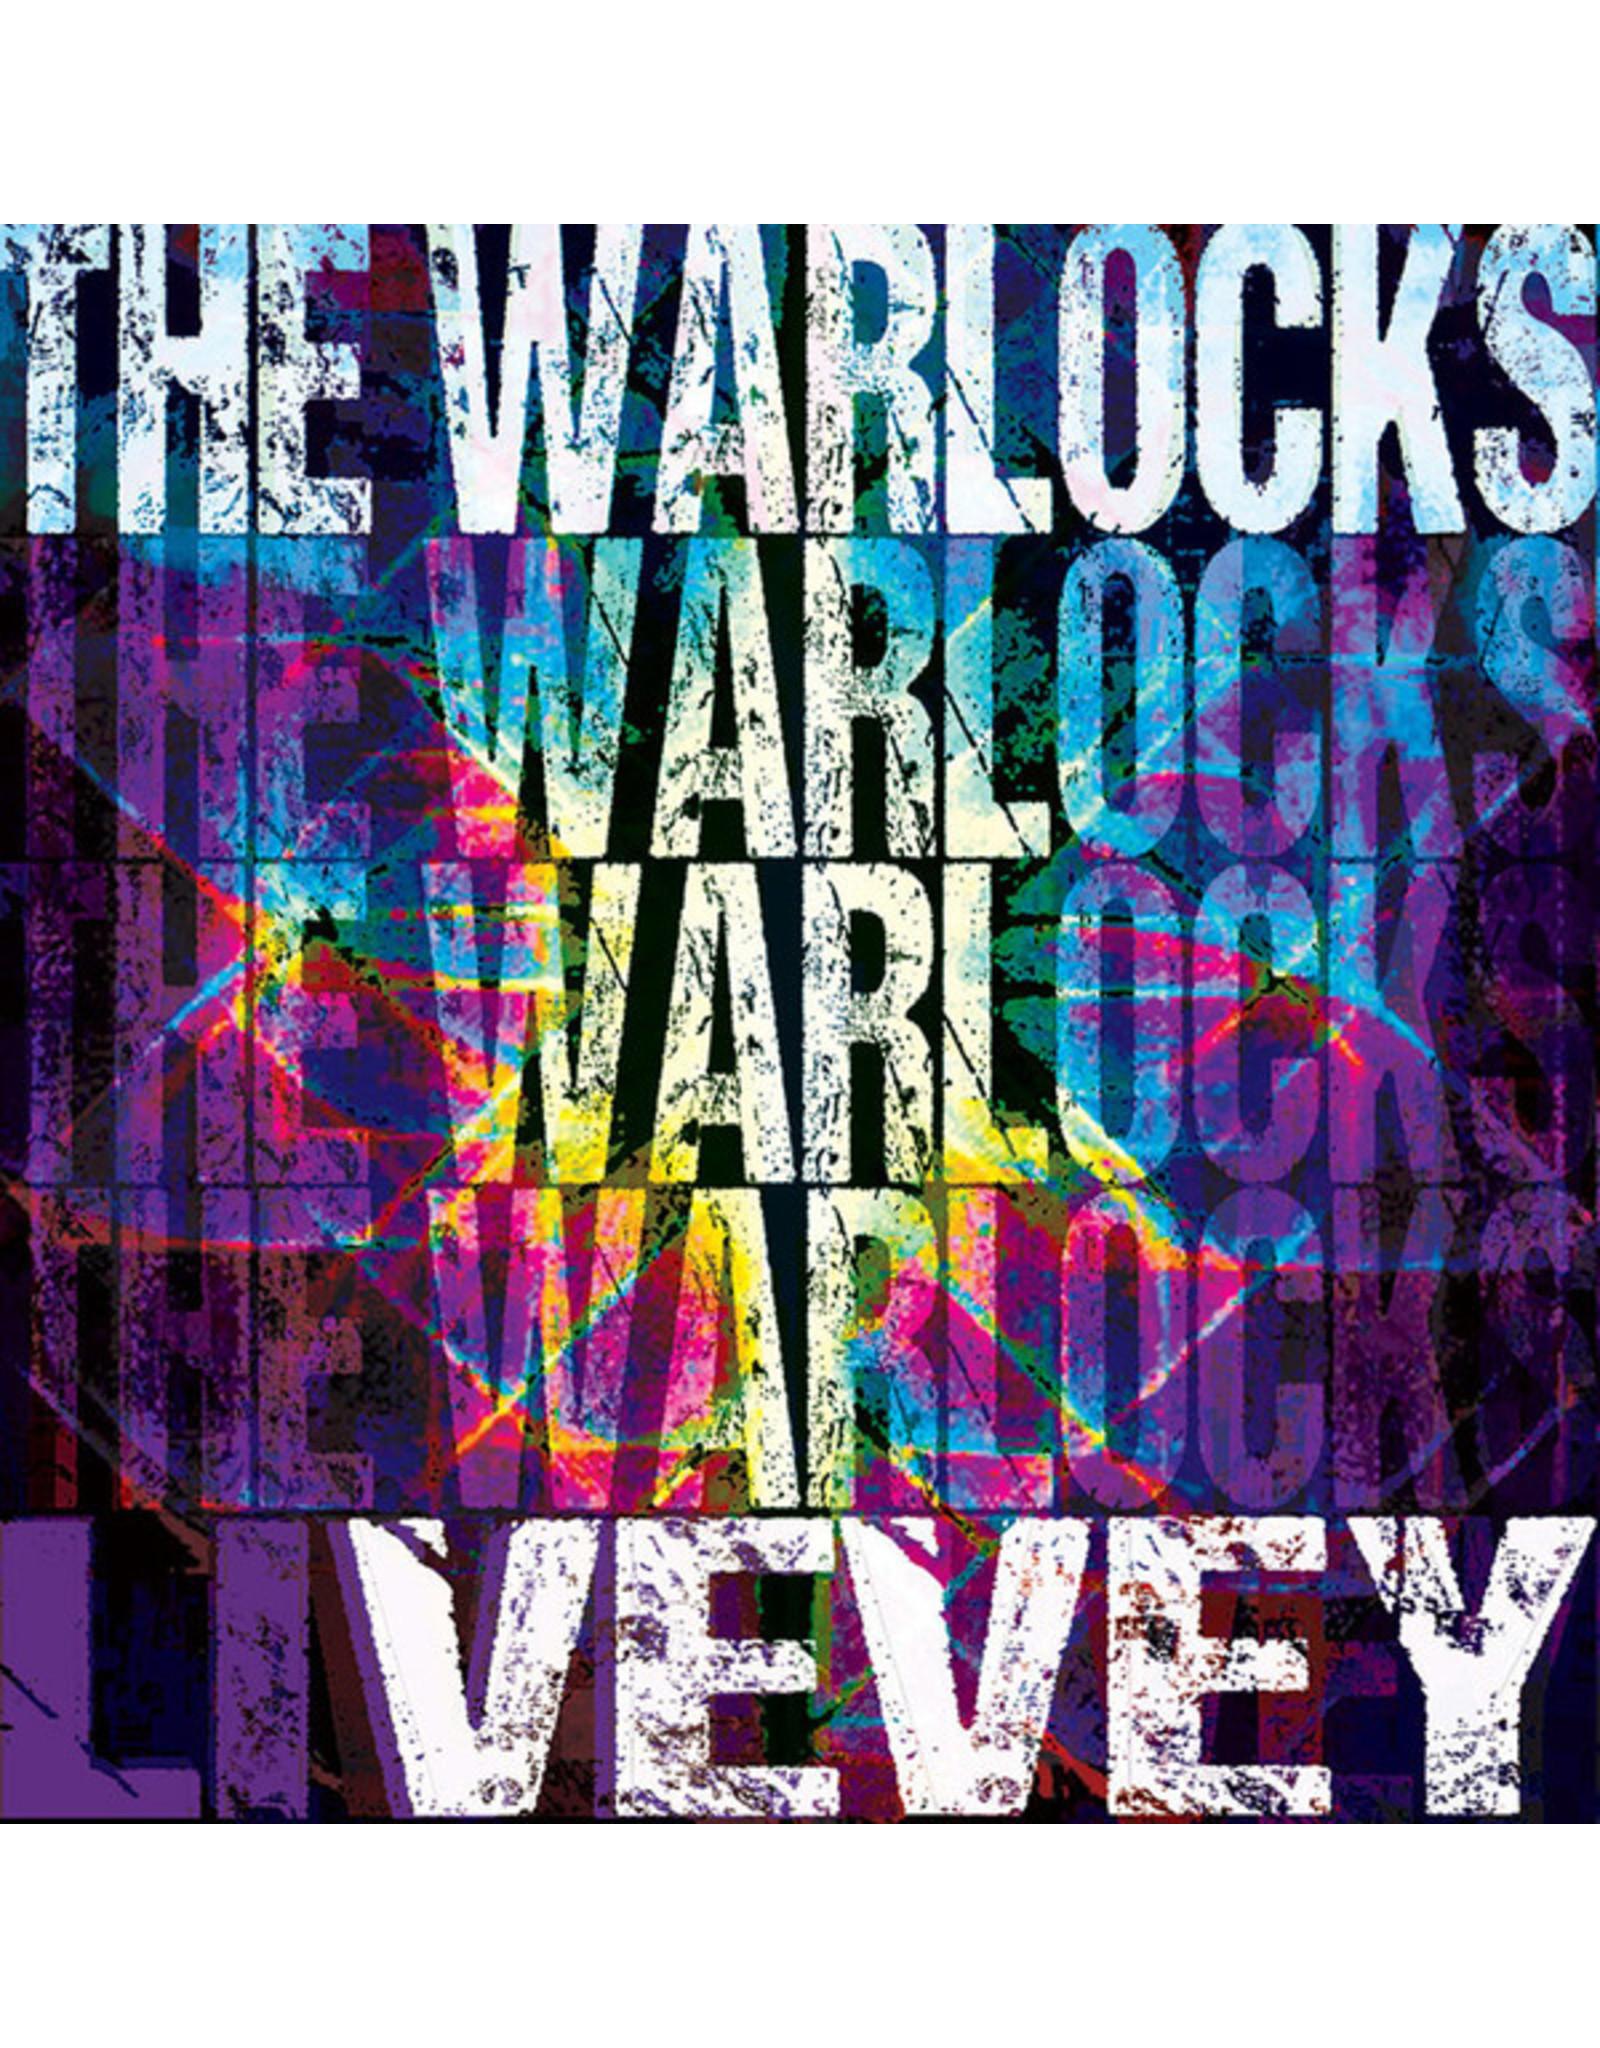 New Vinyl The Warlocks - Vevey (Clear) 2LP